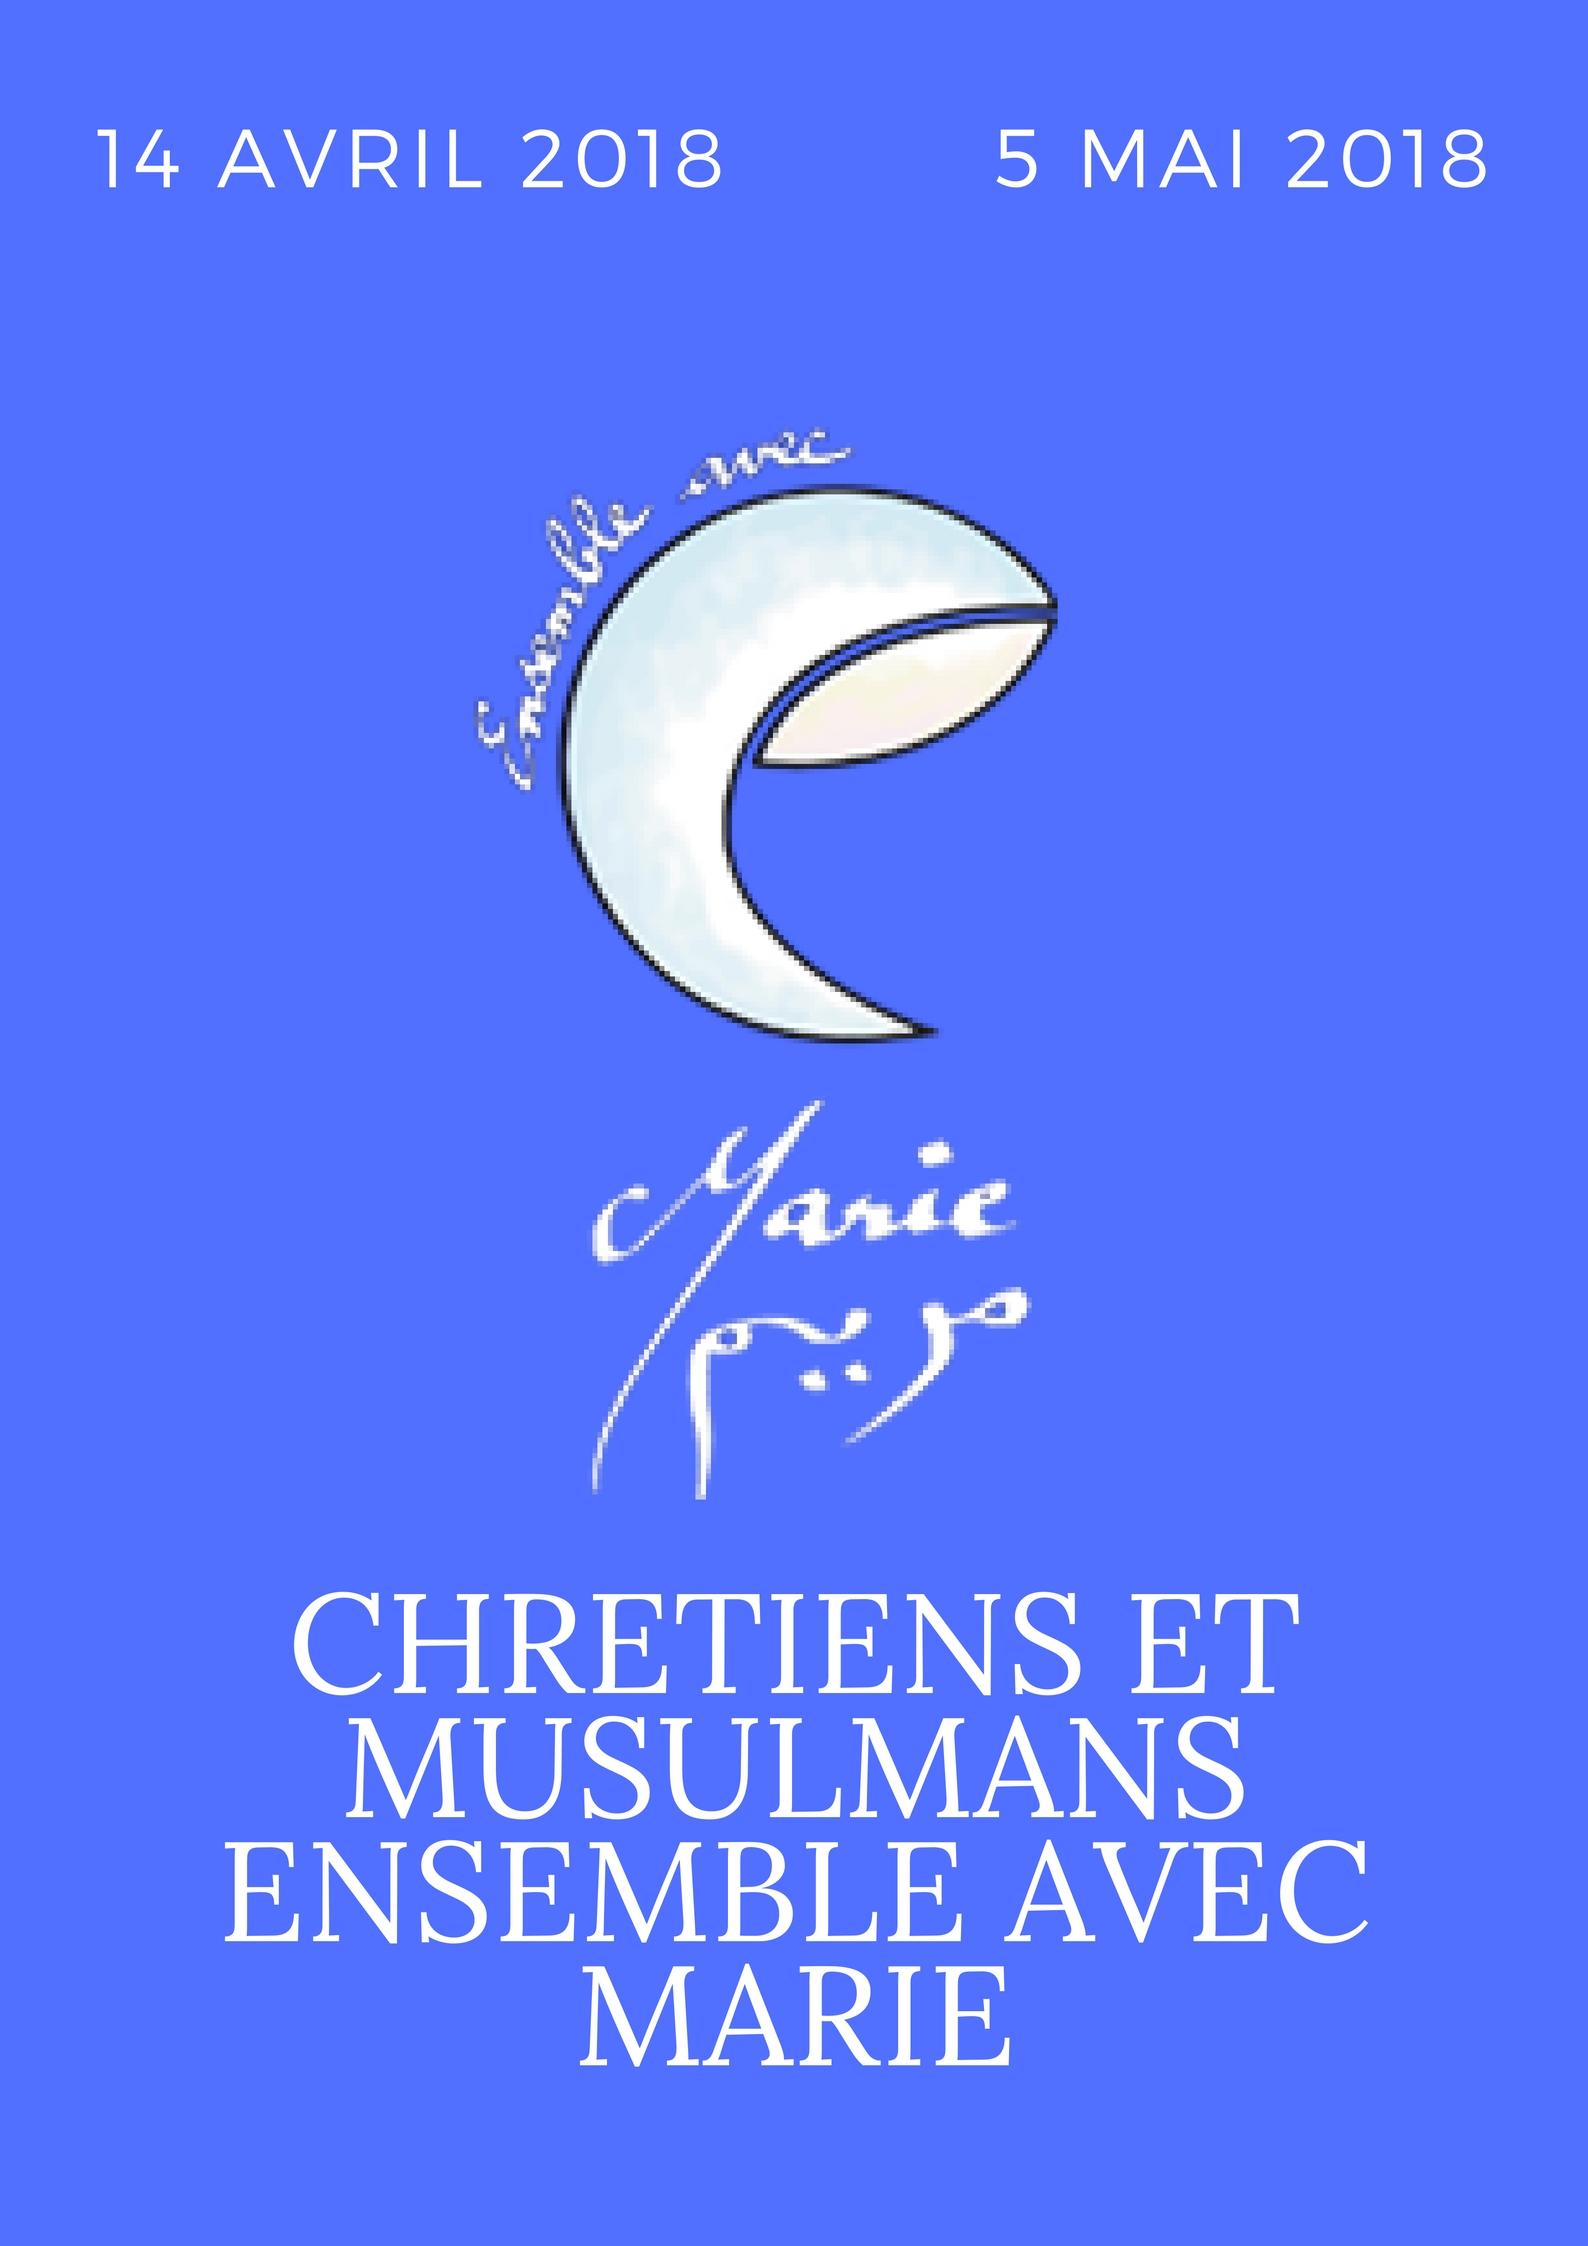 Chrétiens et musulmans ensemble avec Marie